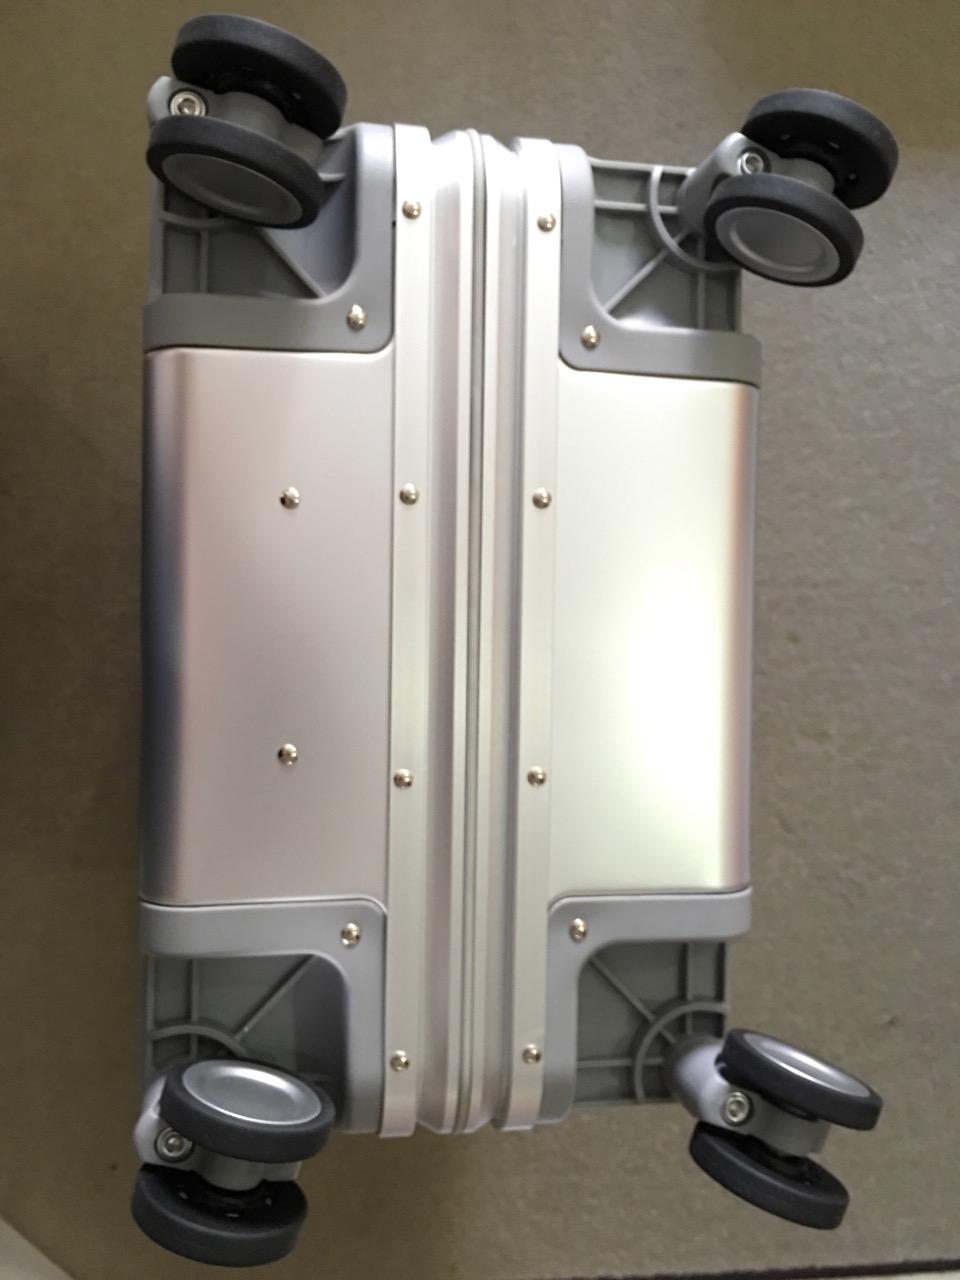 xiaomi-mi-90-smart-metal-luggage-suitcase-bottom-view